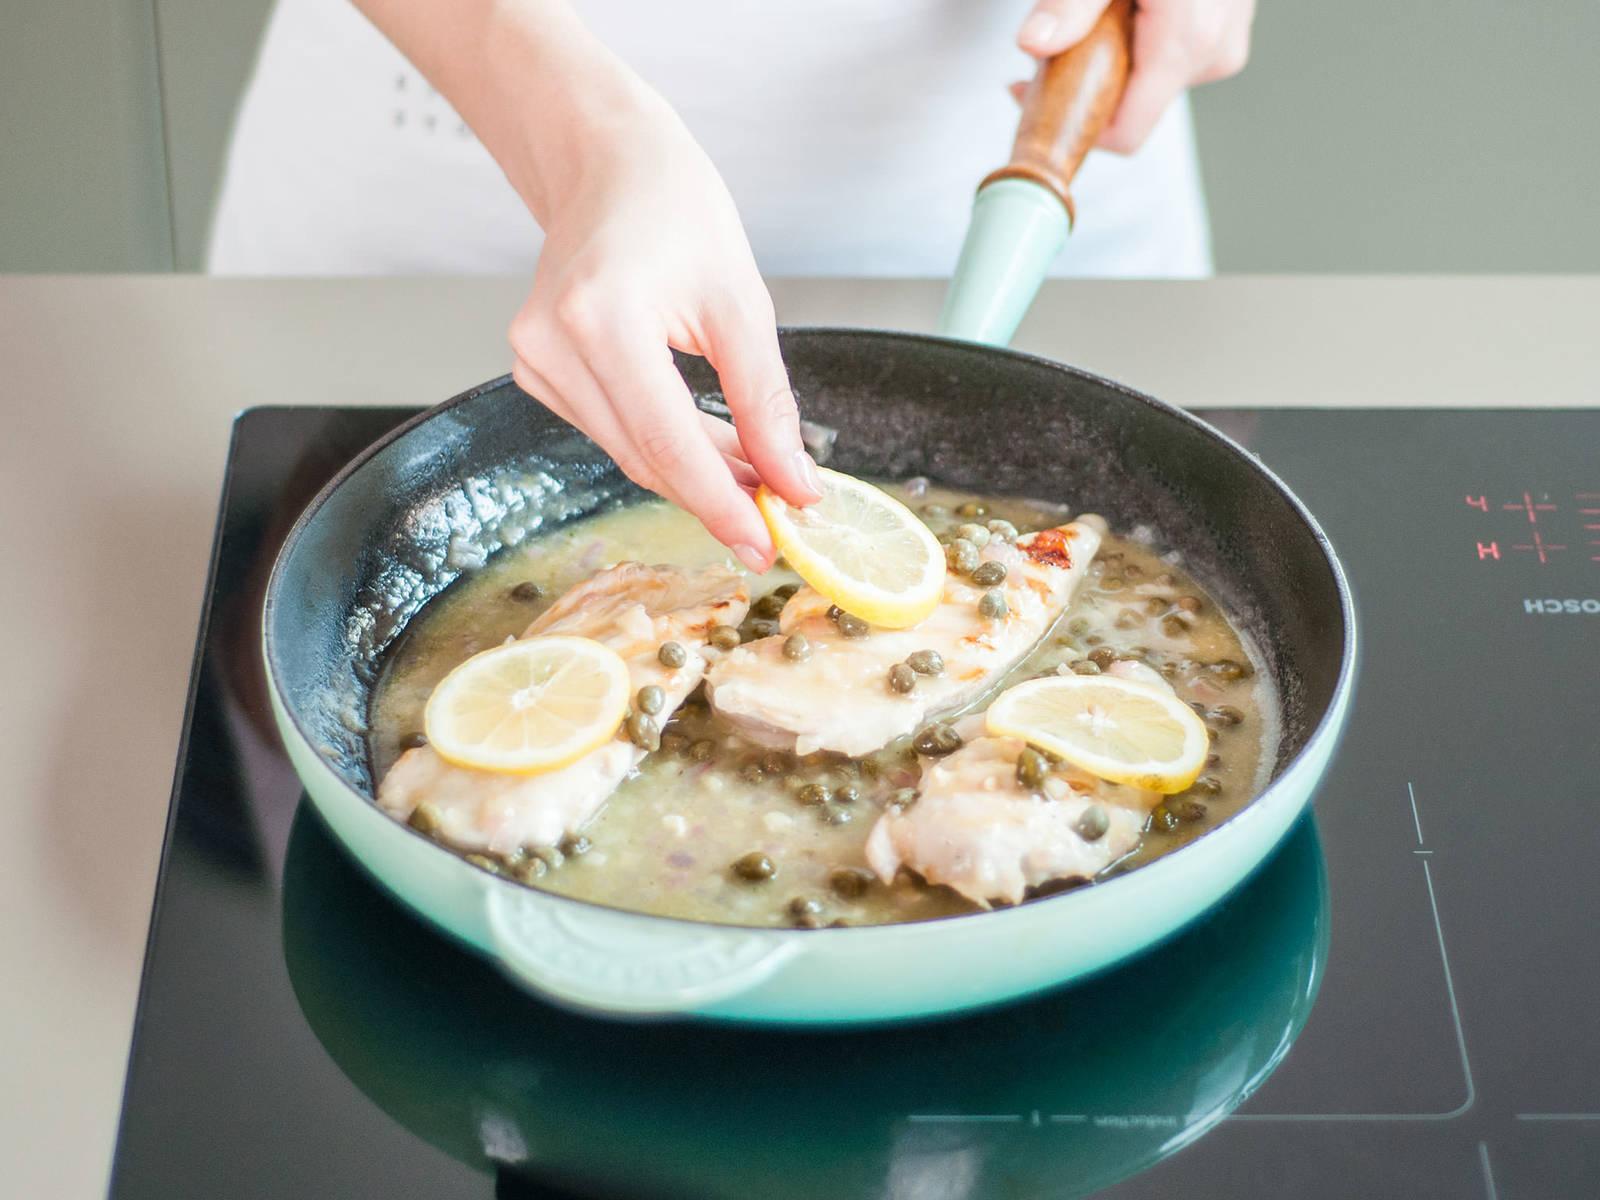 Sobald das Hähnchen durchgegart ist, mit Soße übergießen, mit Petersilie bestreuen und mit Zitronenscheiben belegen. Guten Appetit!